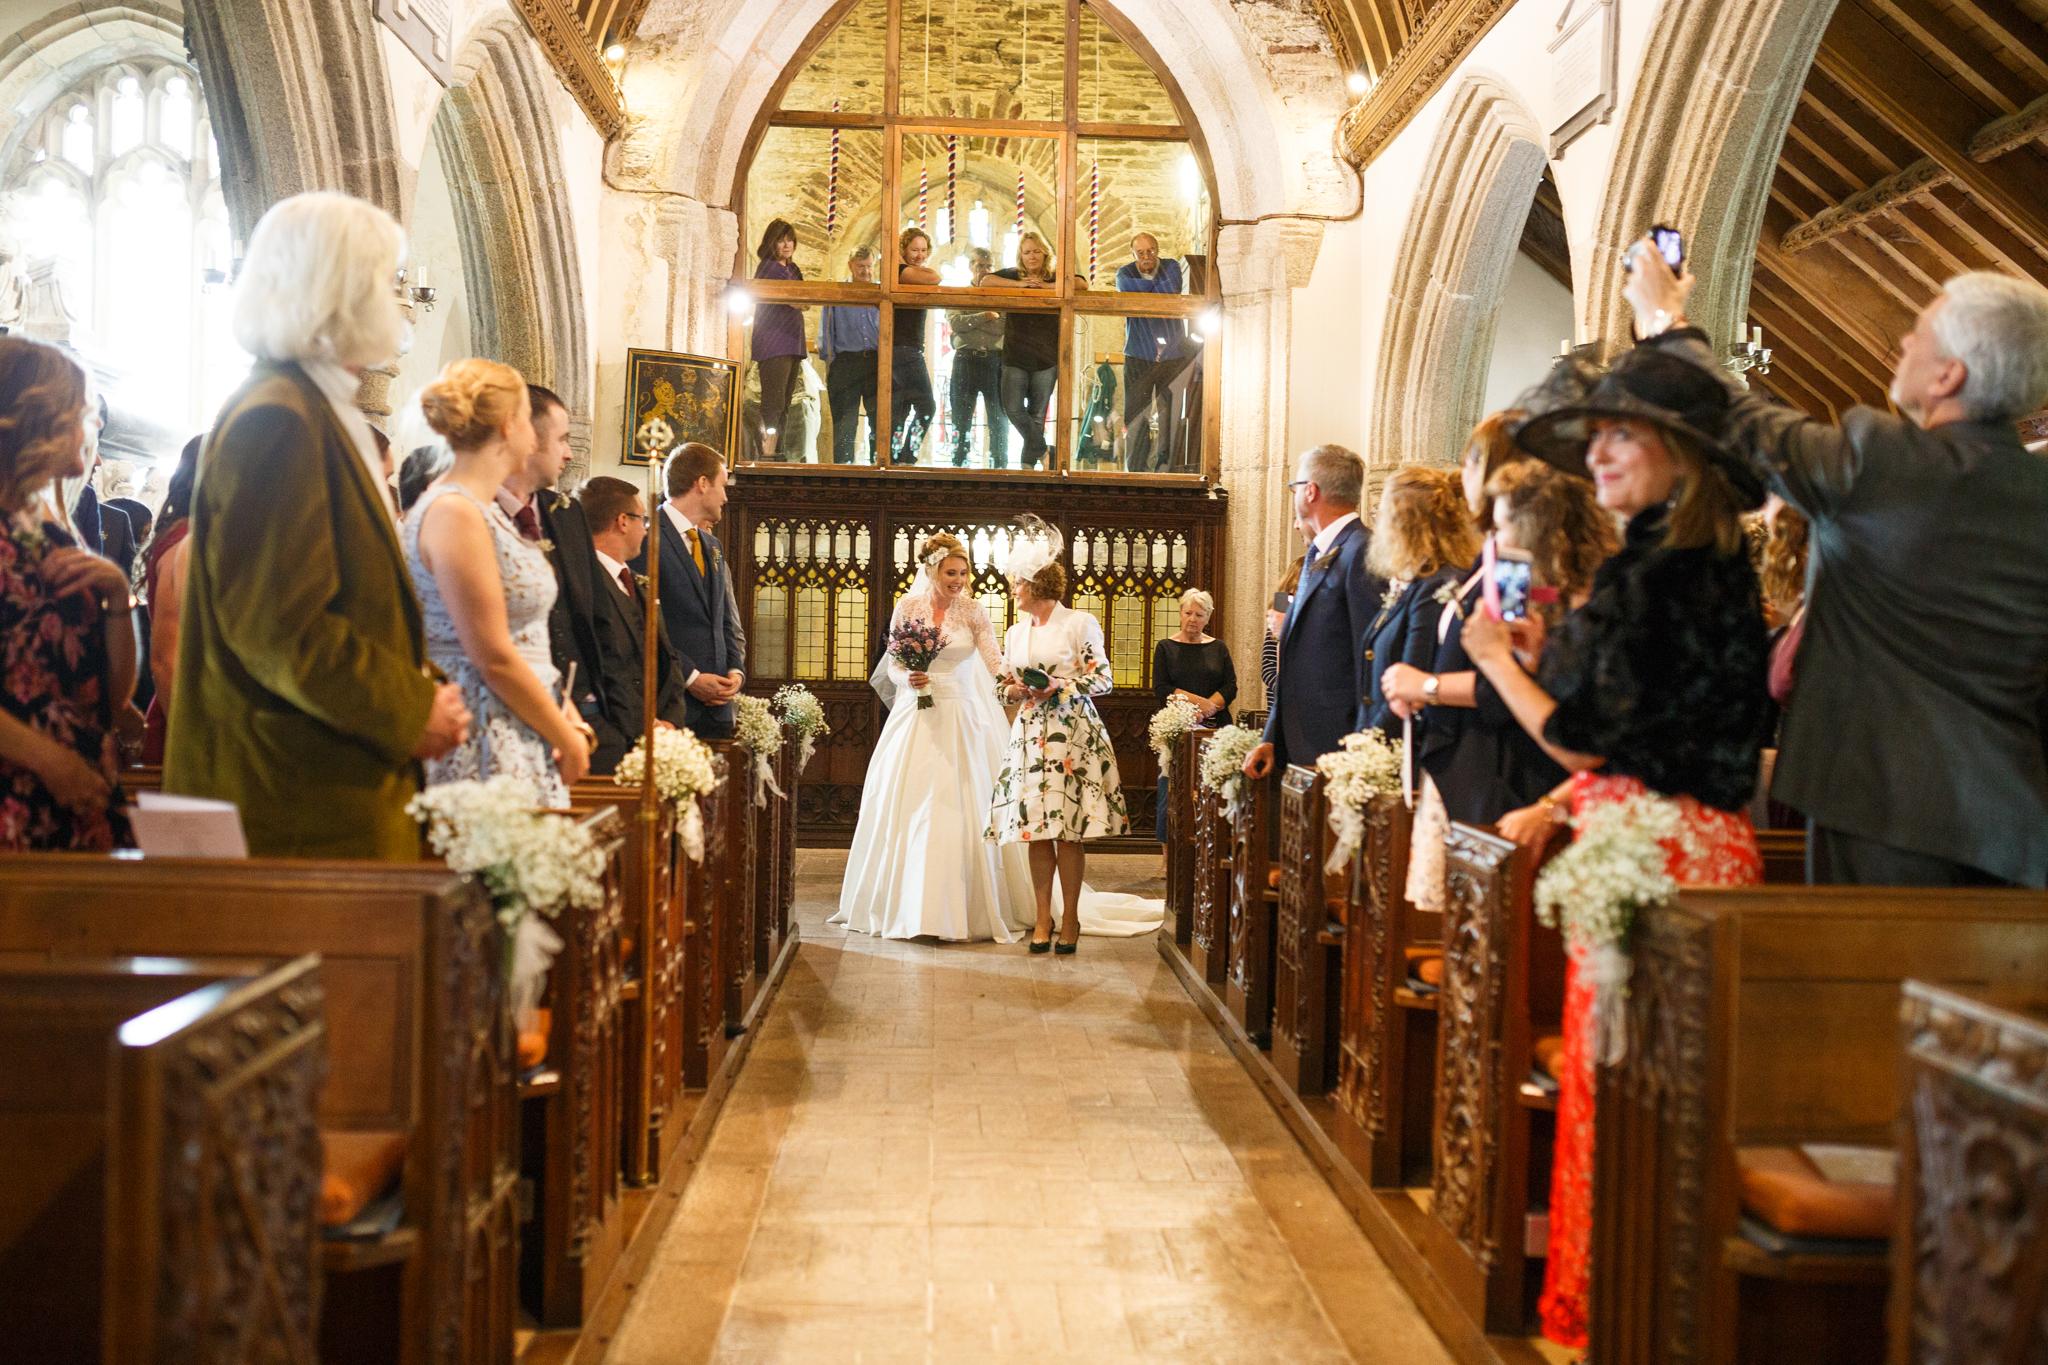 Simon_Rawling_Wedding_Photography-257.jpg